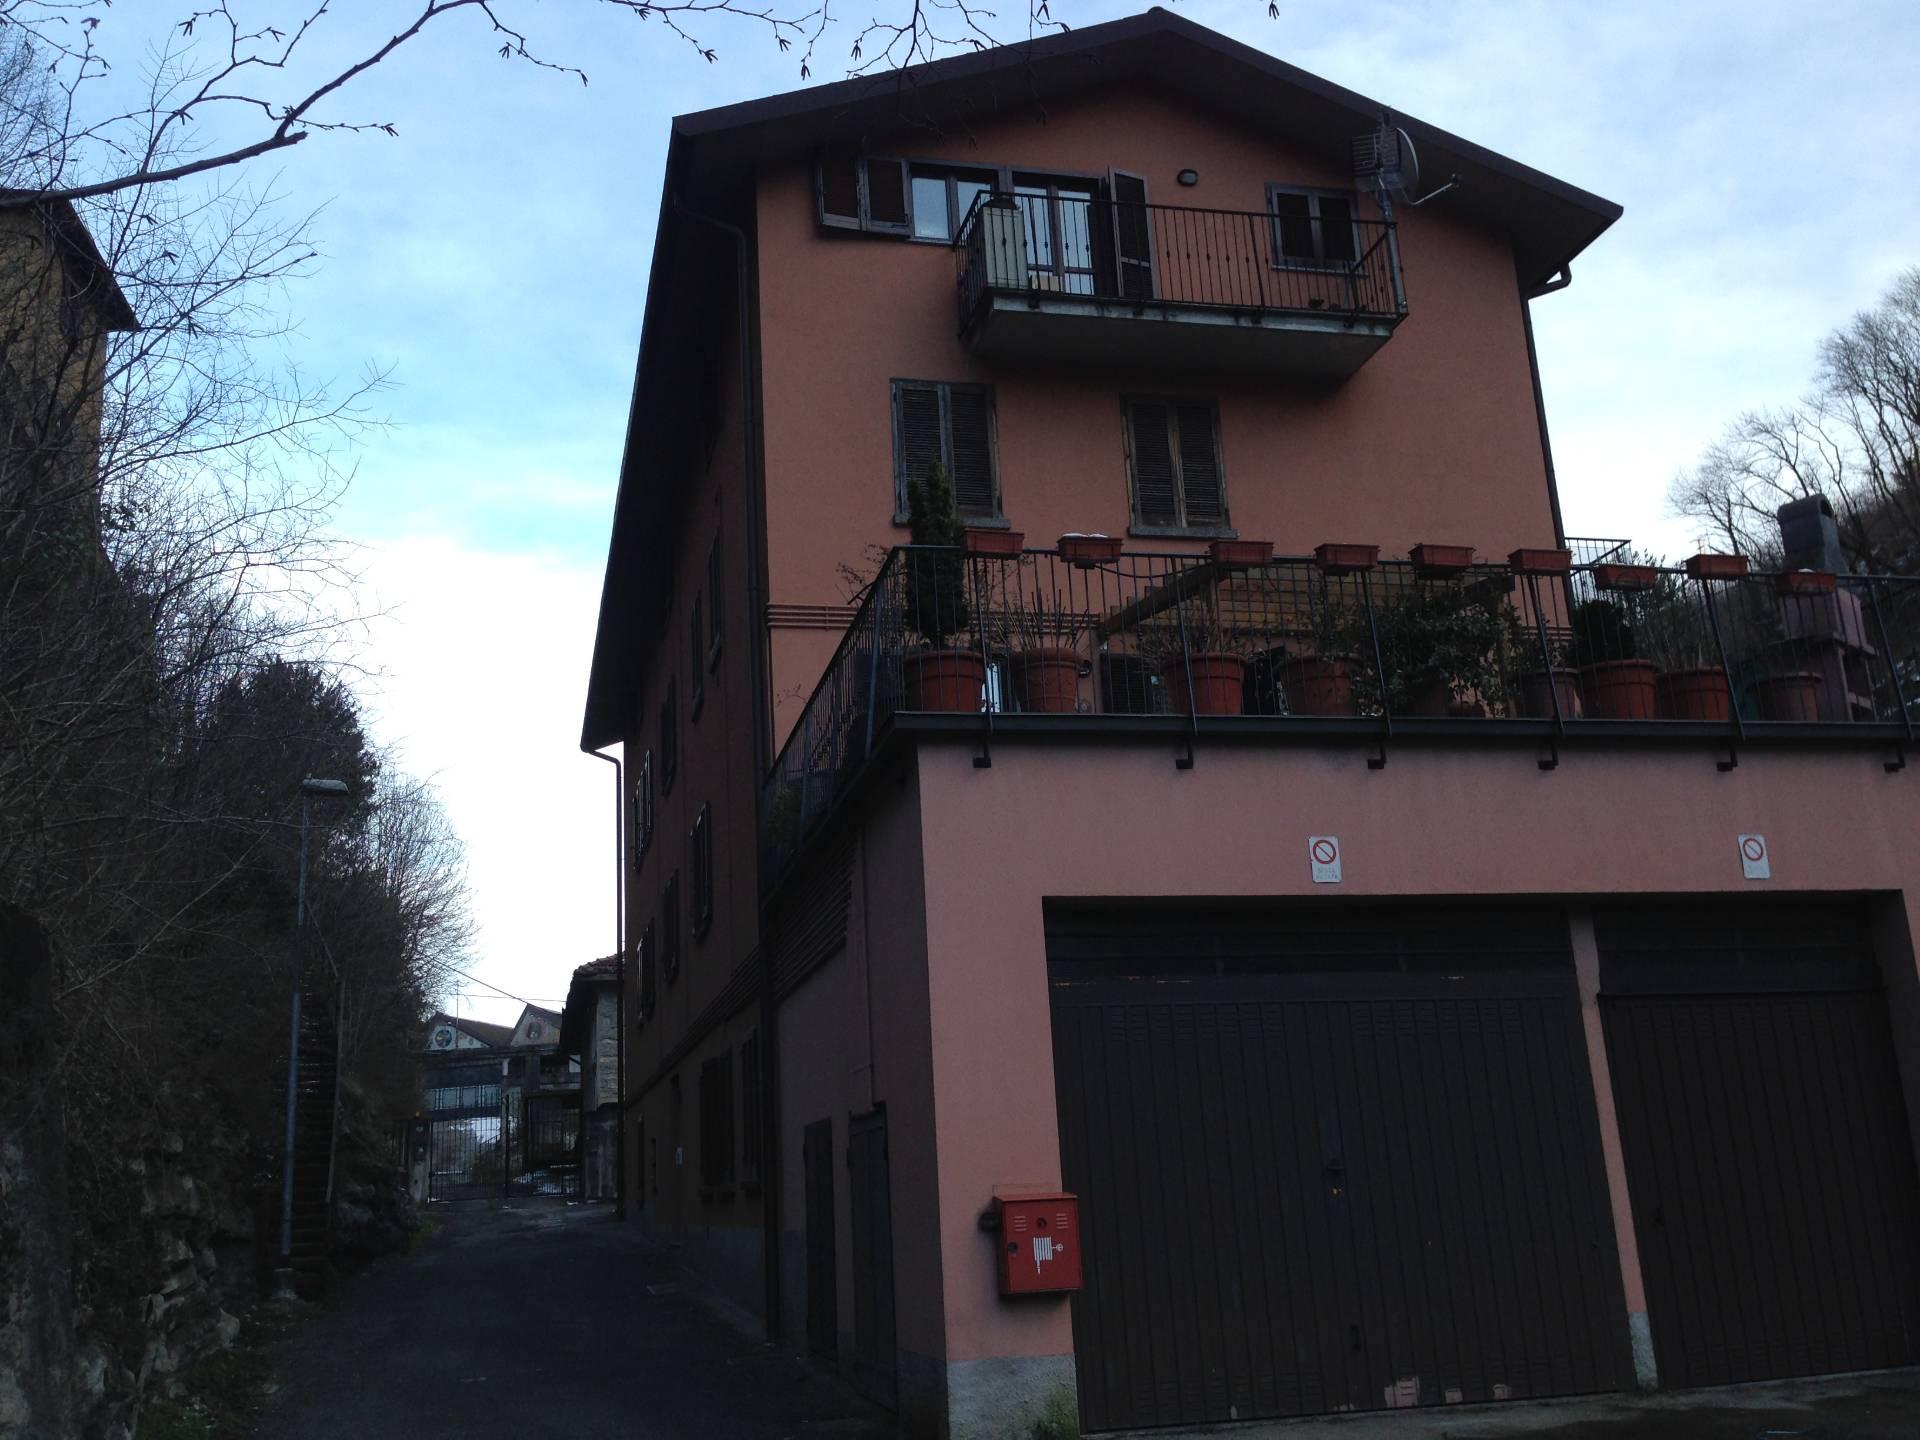 Appartamento in vendita a Caslino d'Erba, 2 locali, prezzo € 80.000 | CambioCasa.it